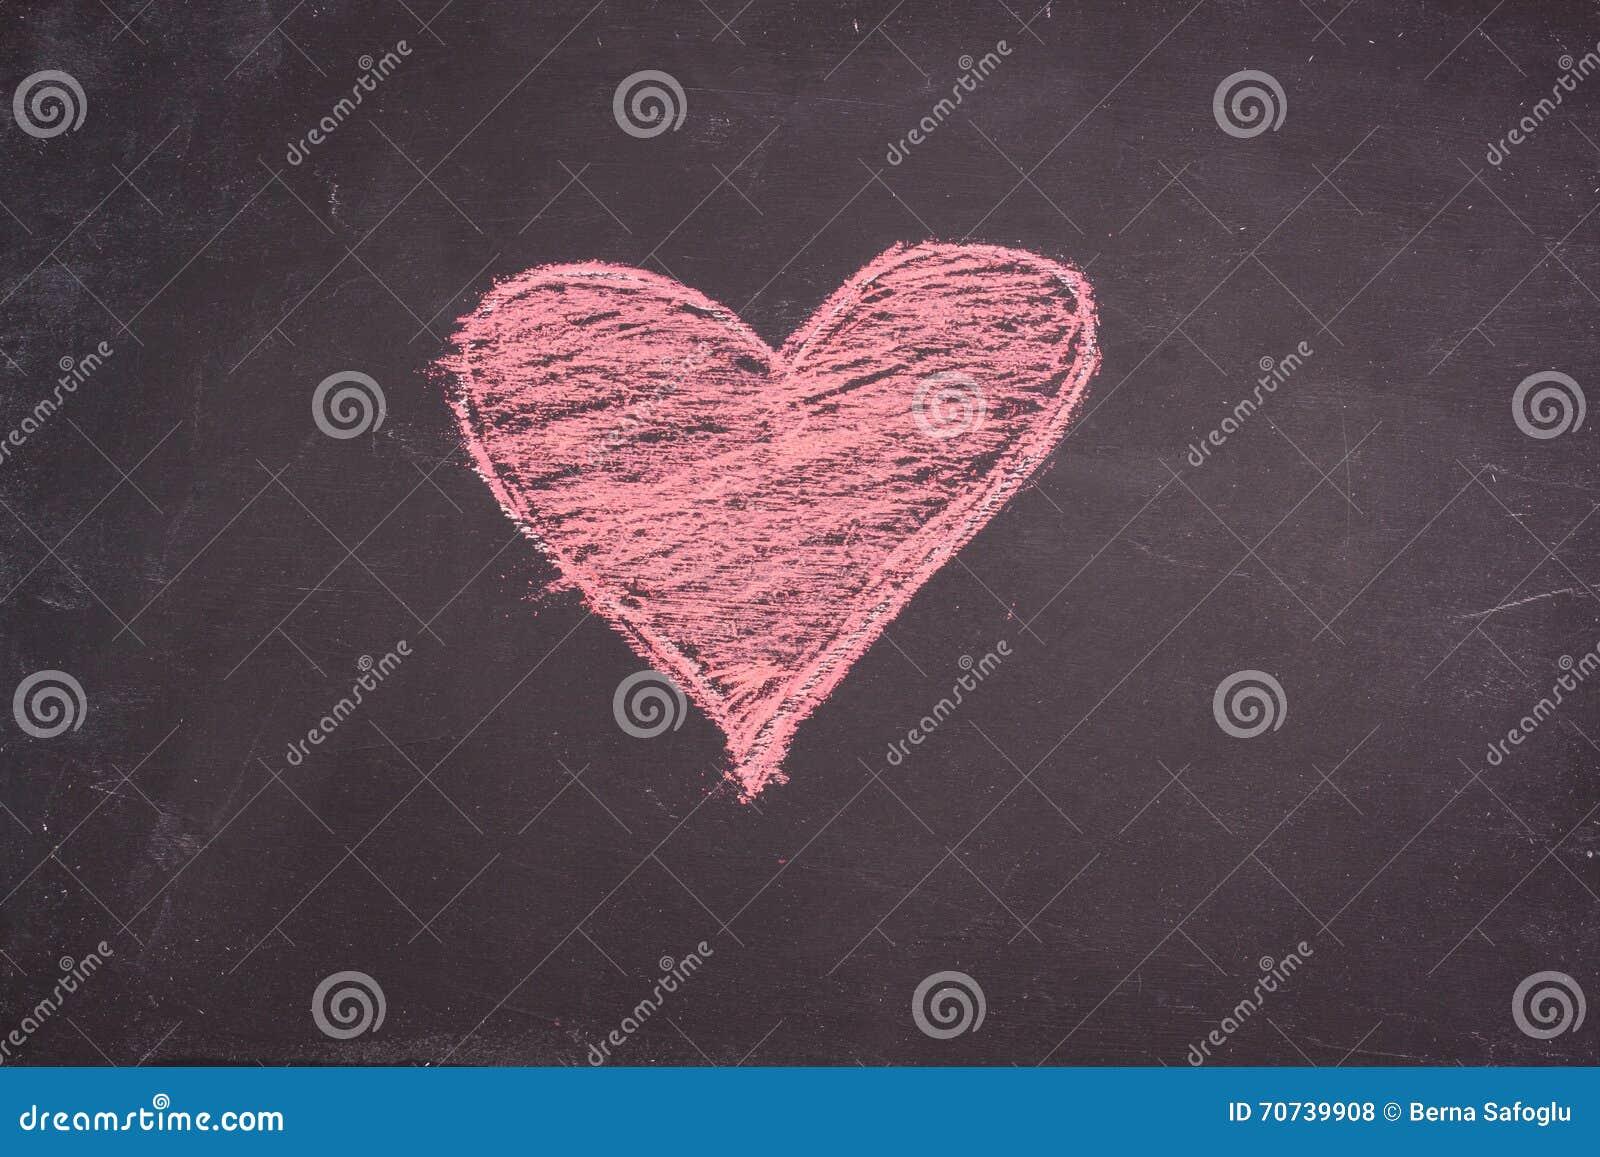 白垩心脏图画